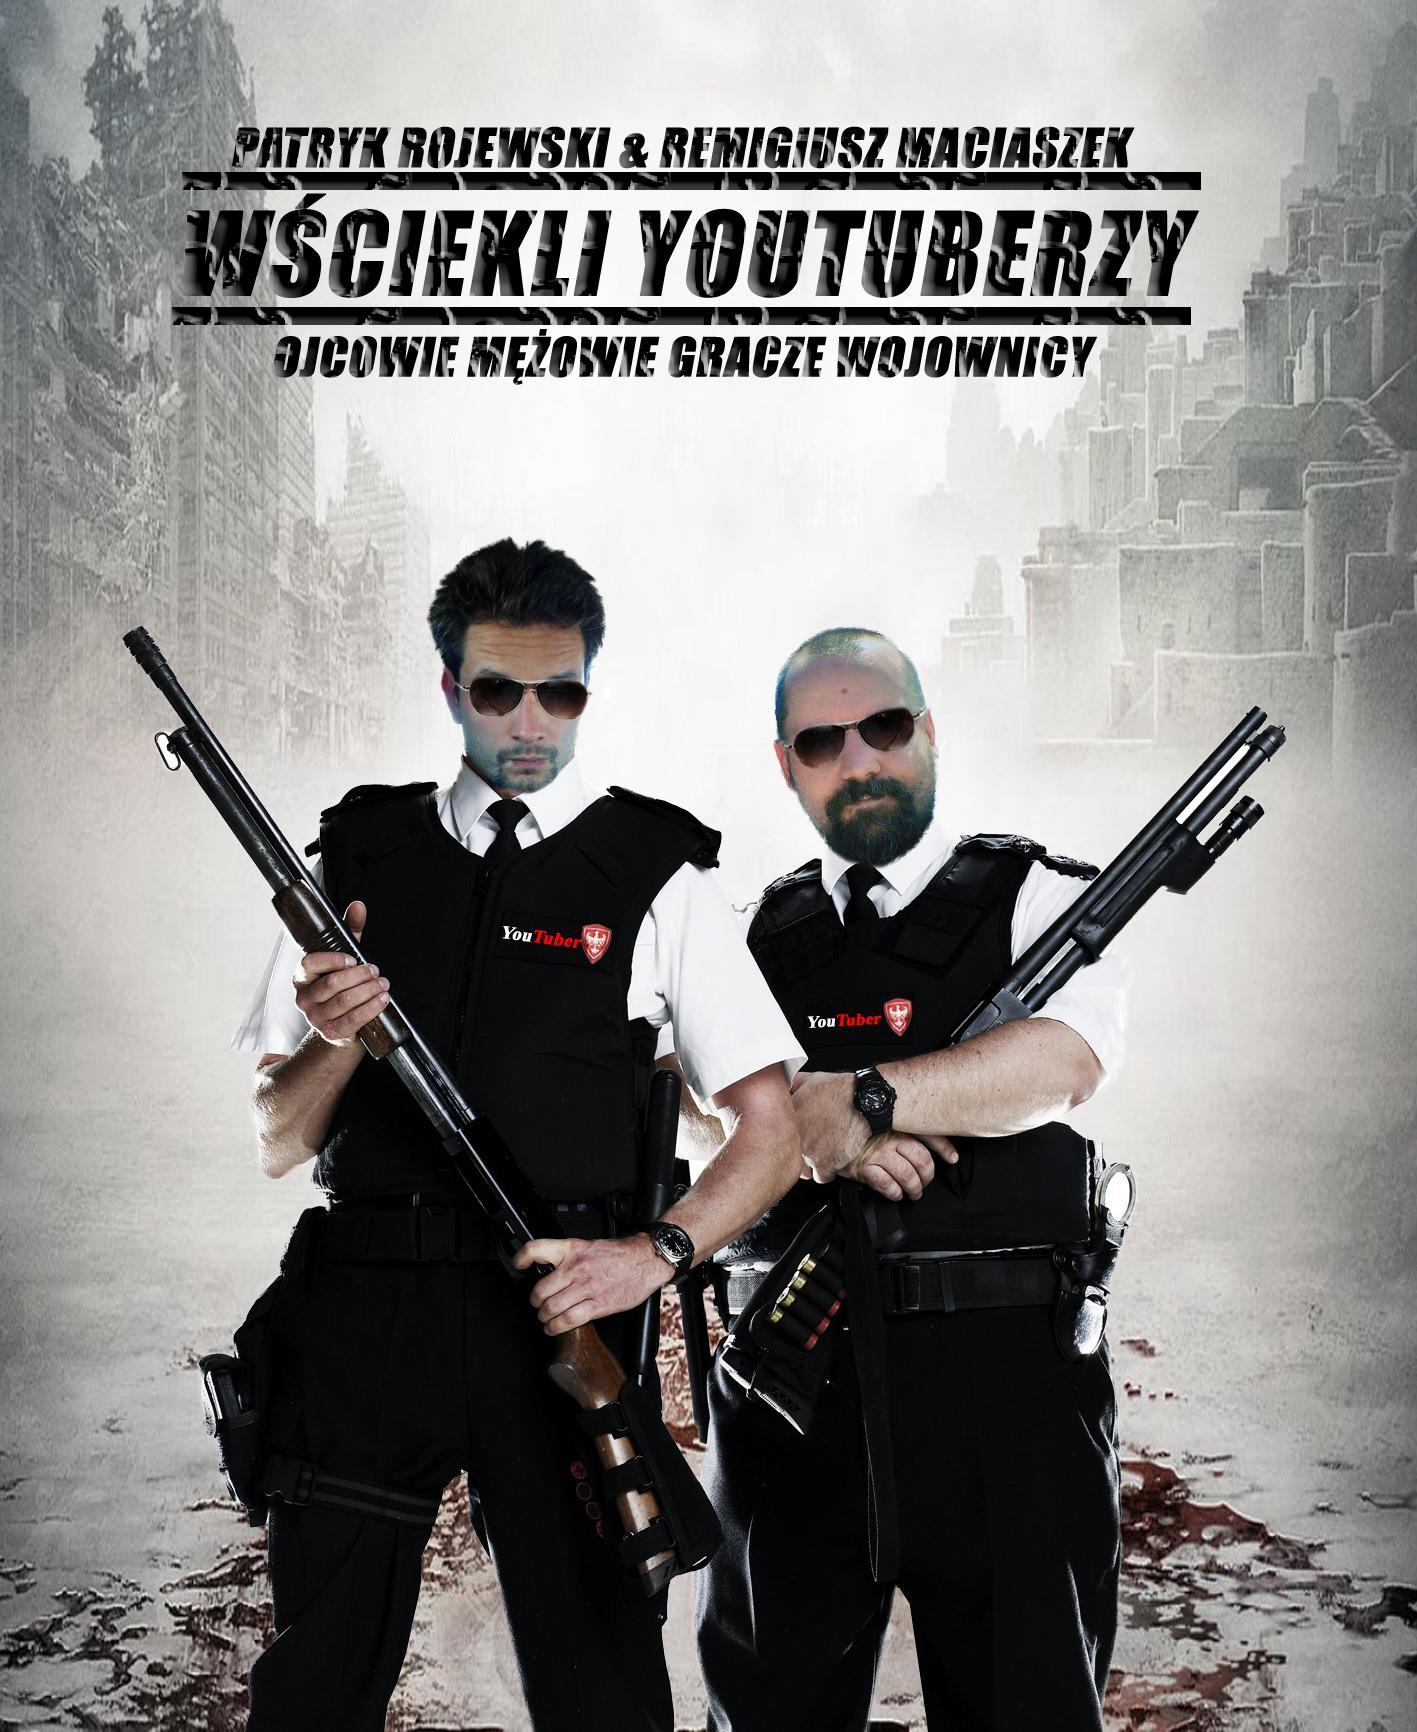 Wściekli Youtuberzy